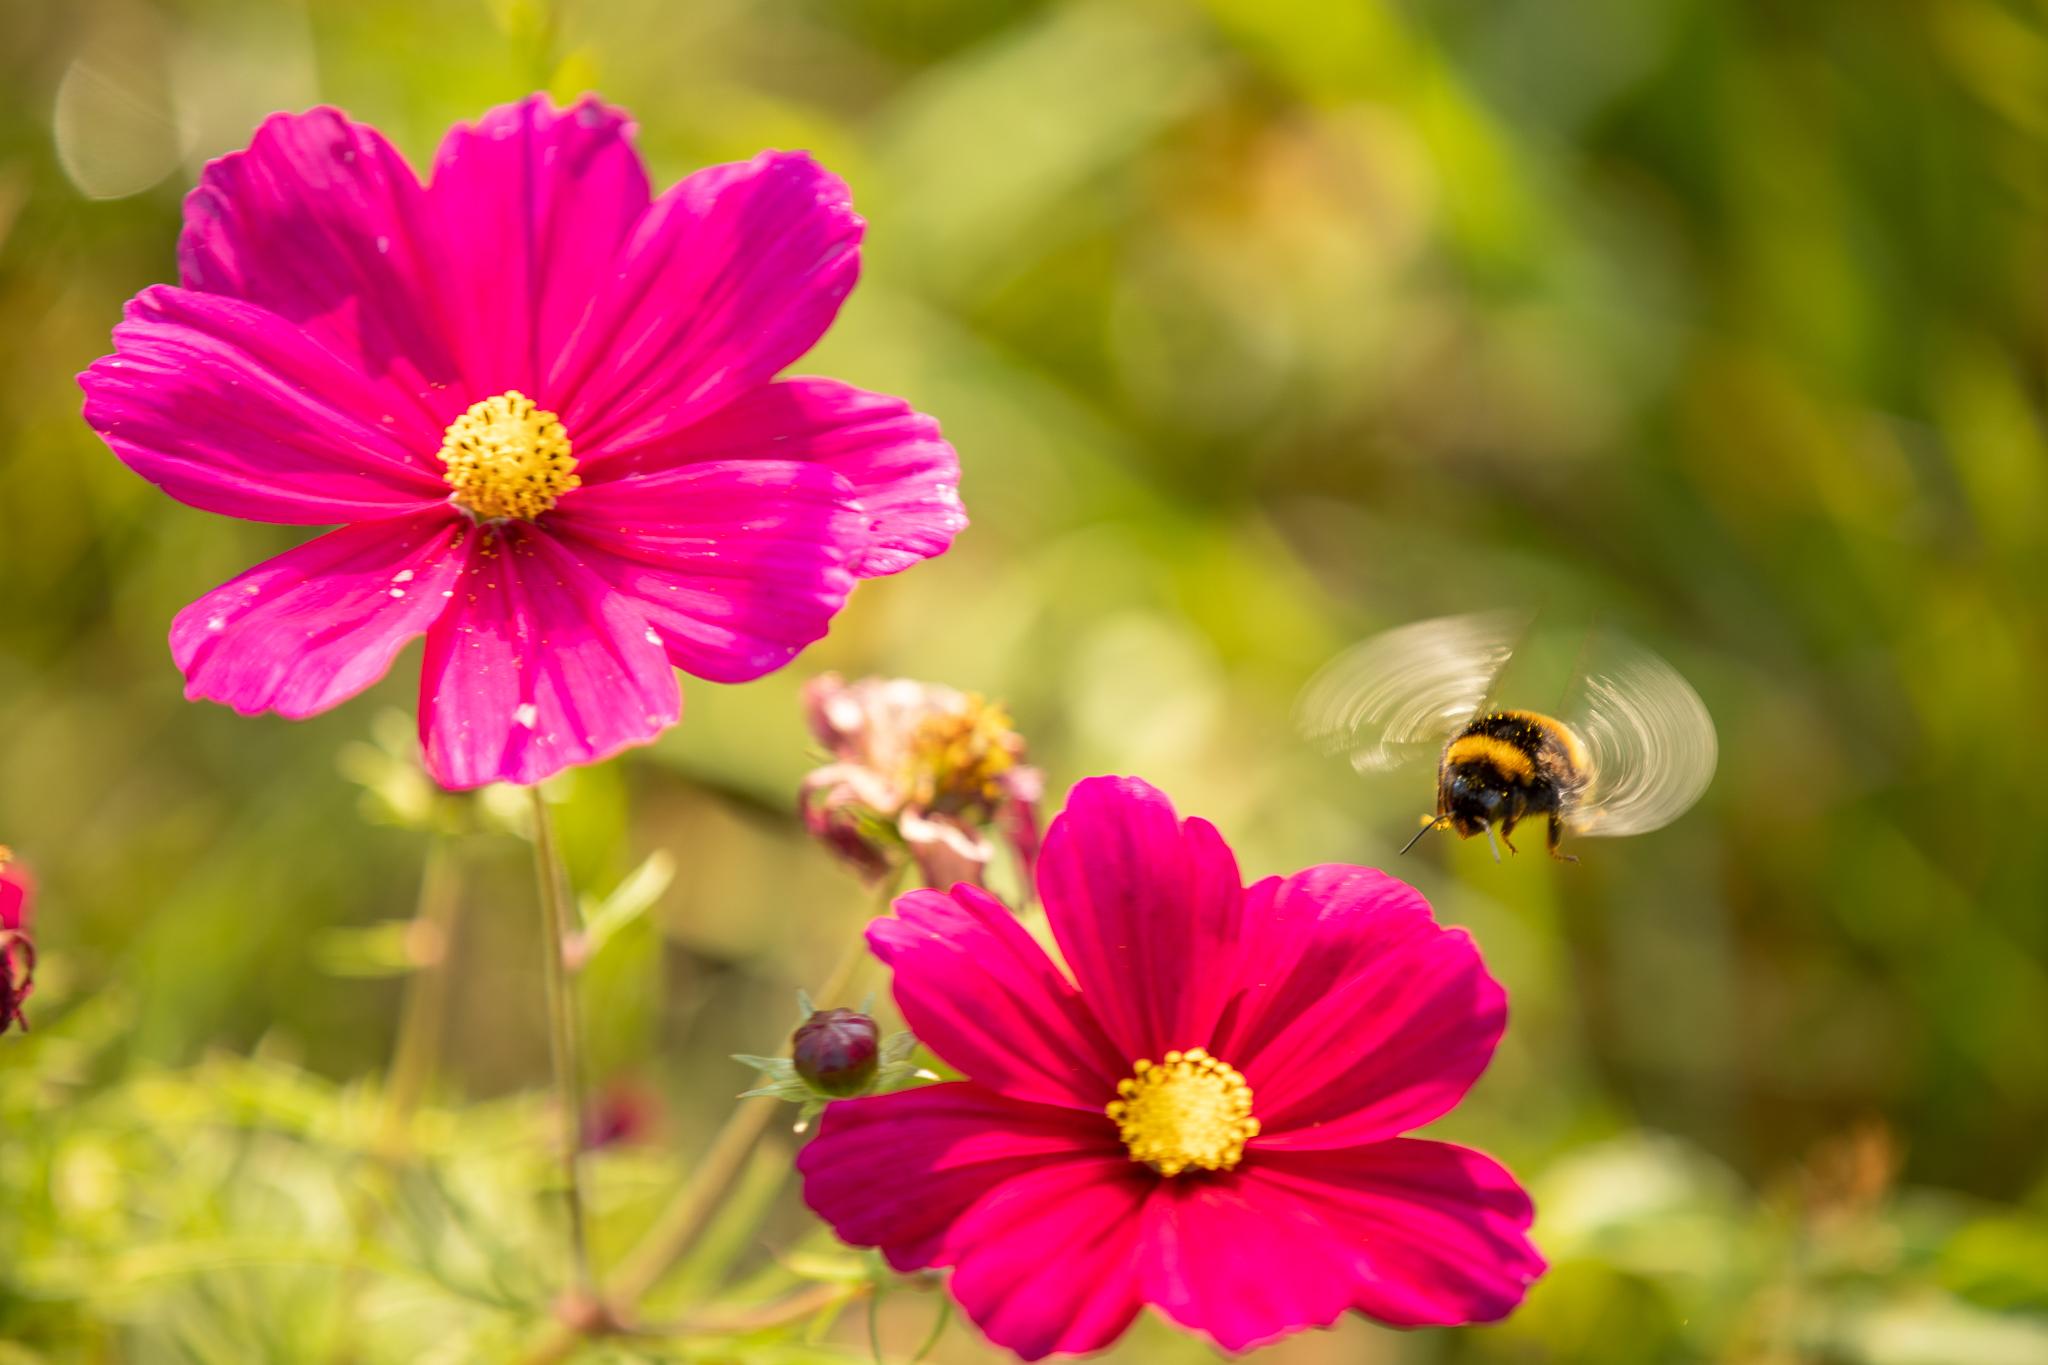 Bijtje in de bloemenweide